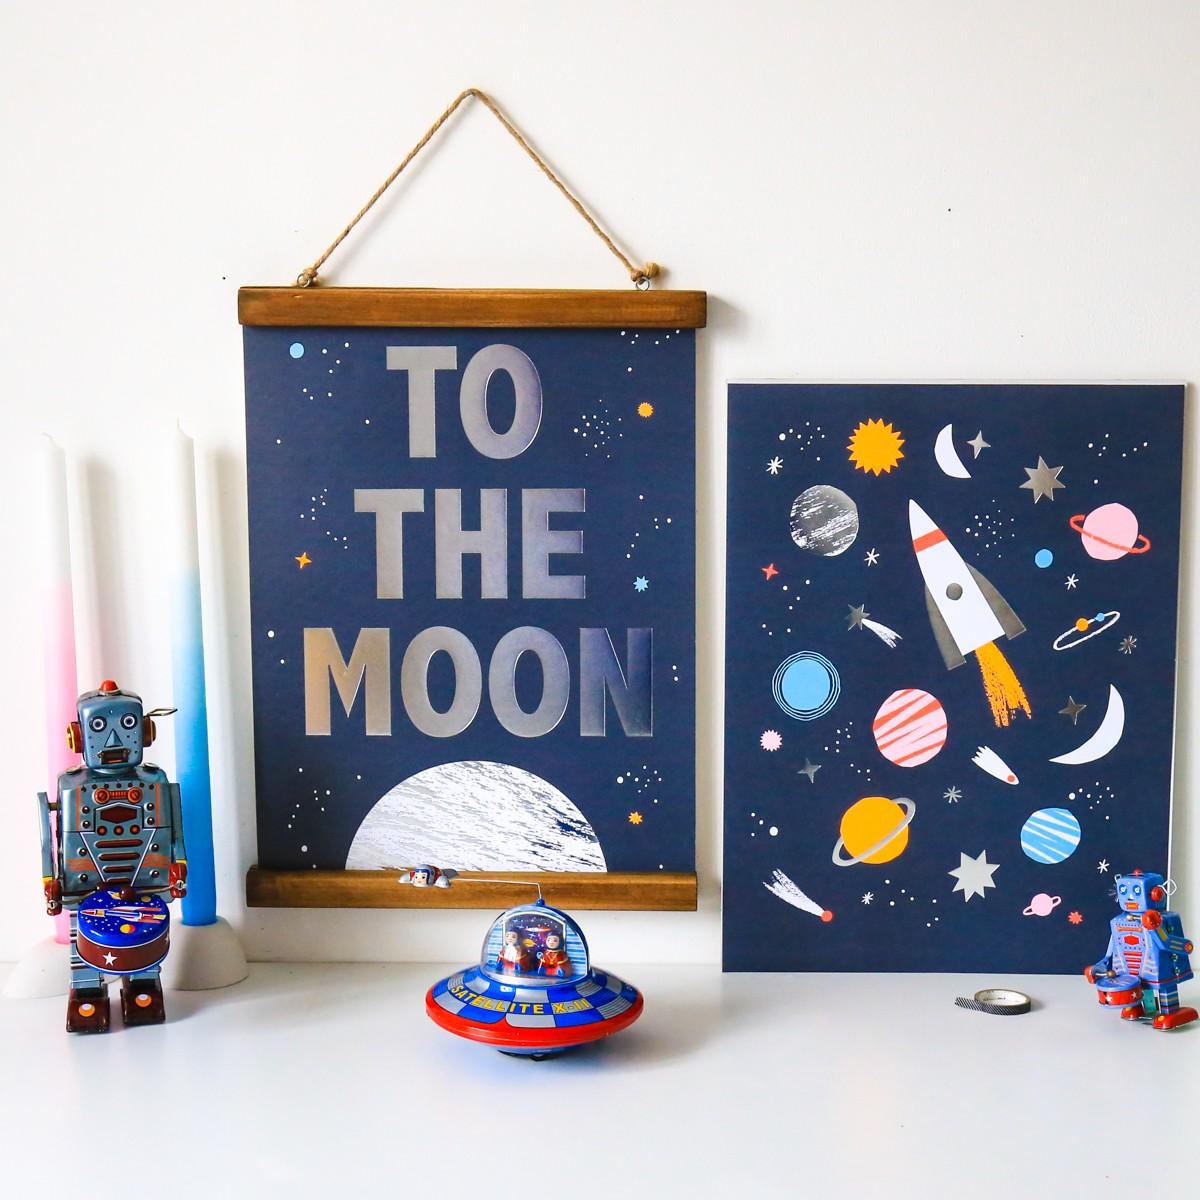 Déco chambre enfant bébé - jeux et jouets - design vintage